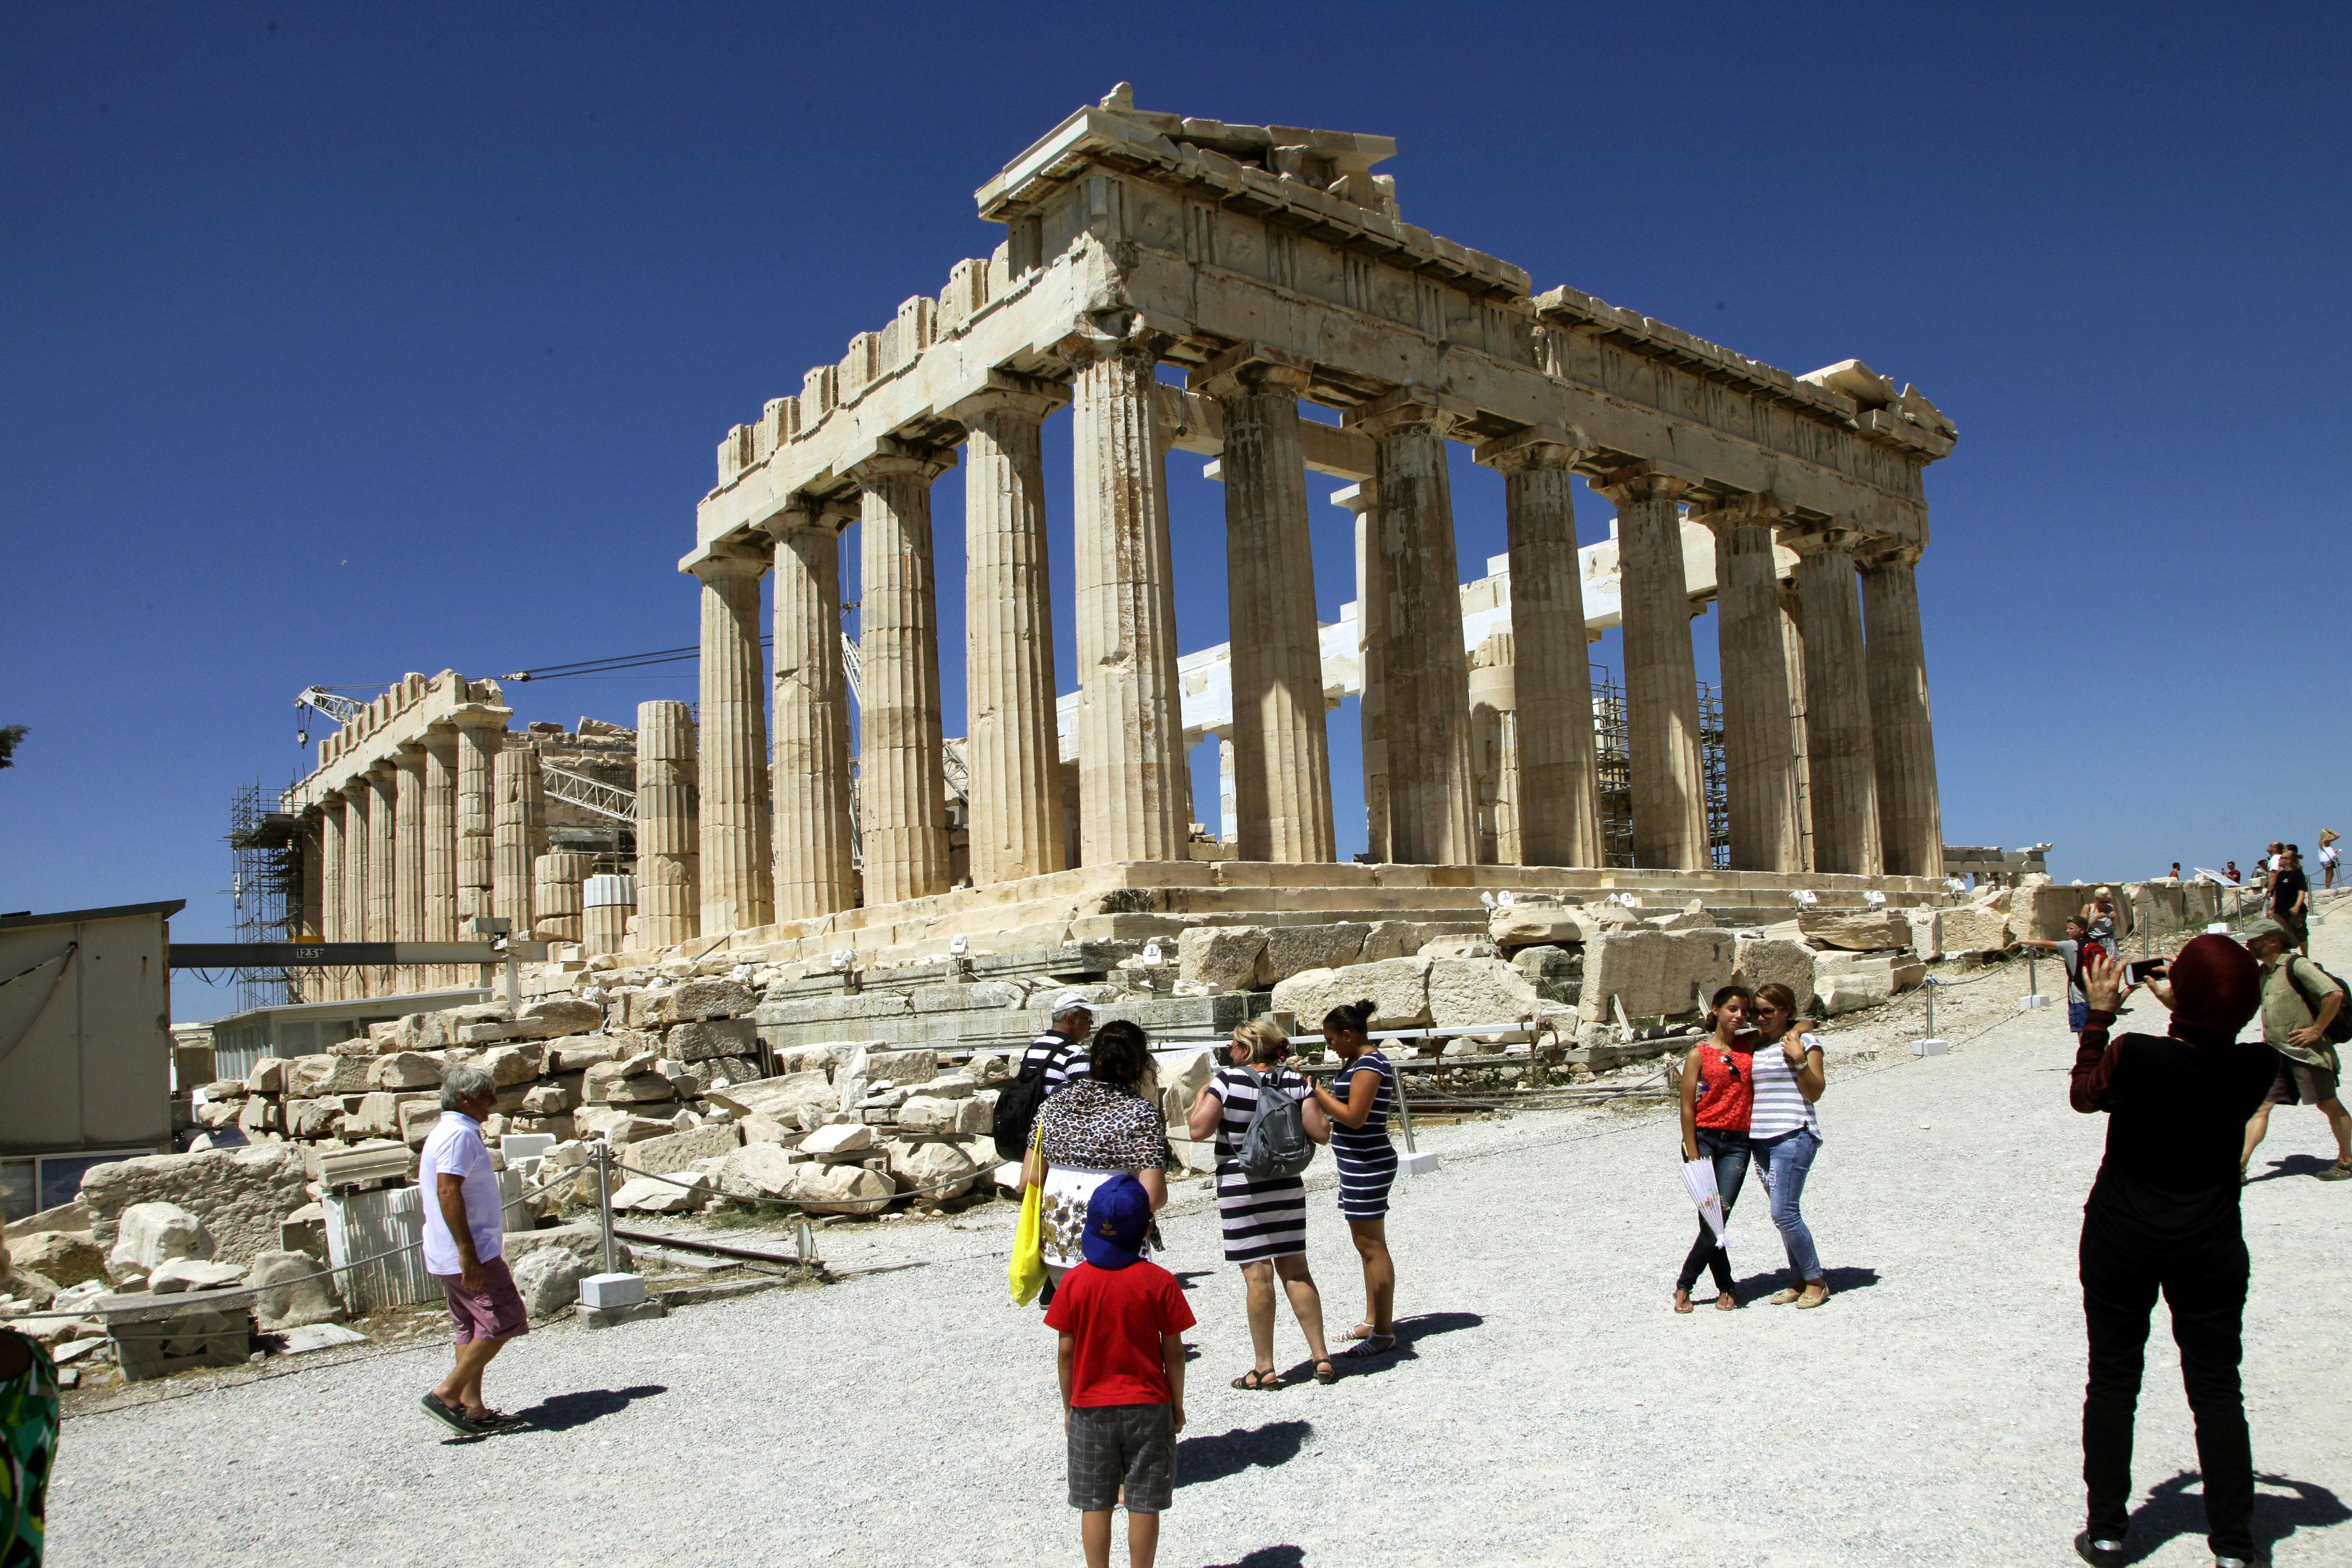 Προς αυξήσεις στα εισιτήρια μουσείων και αρχαιολογικών χώρων   tovima.gr